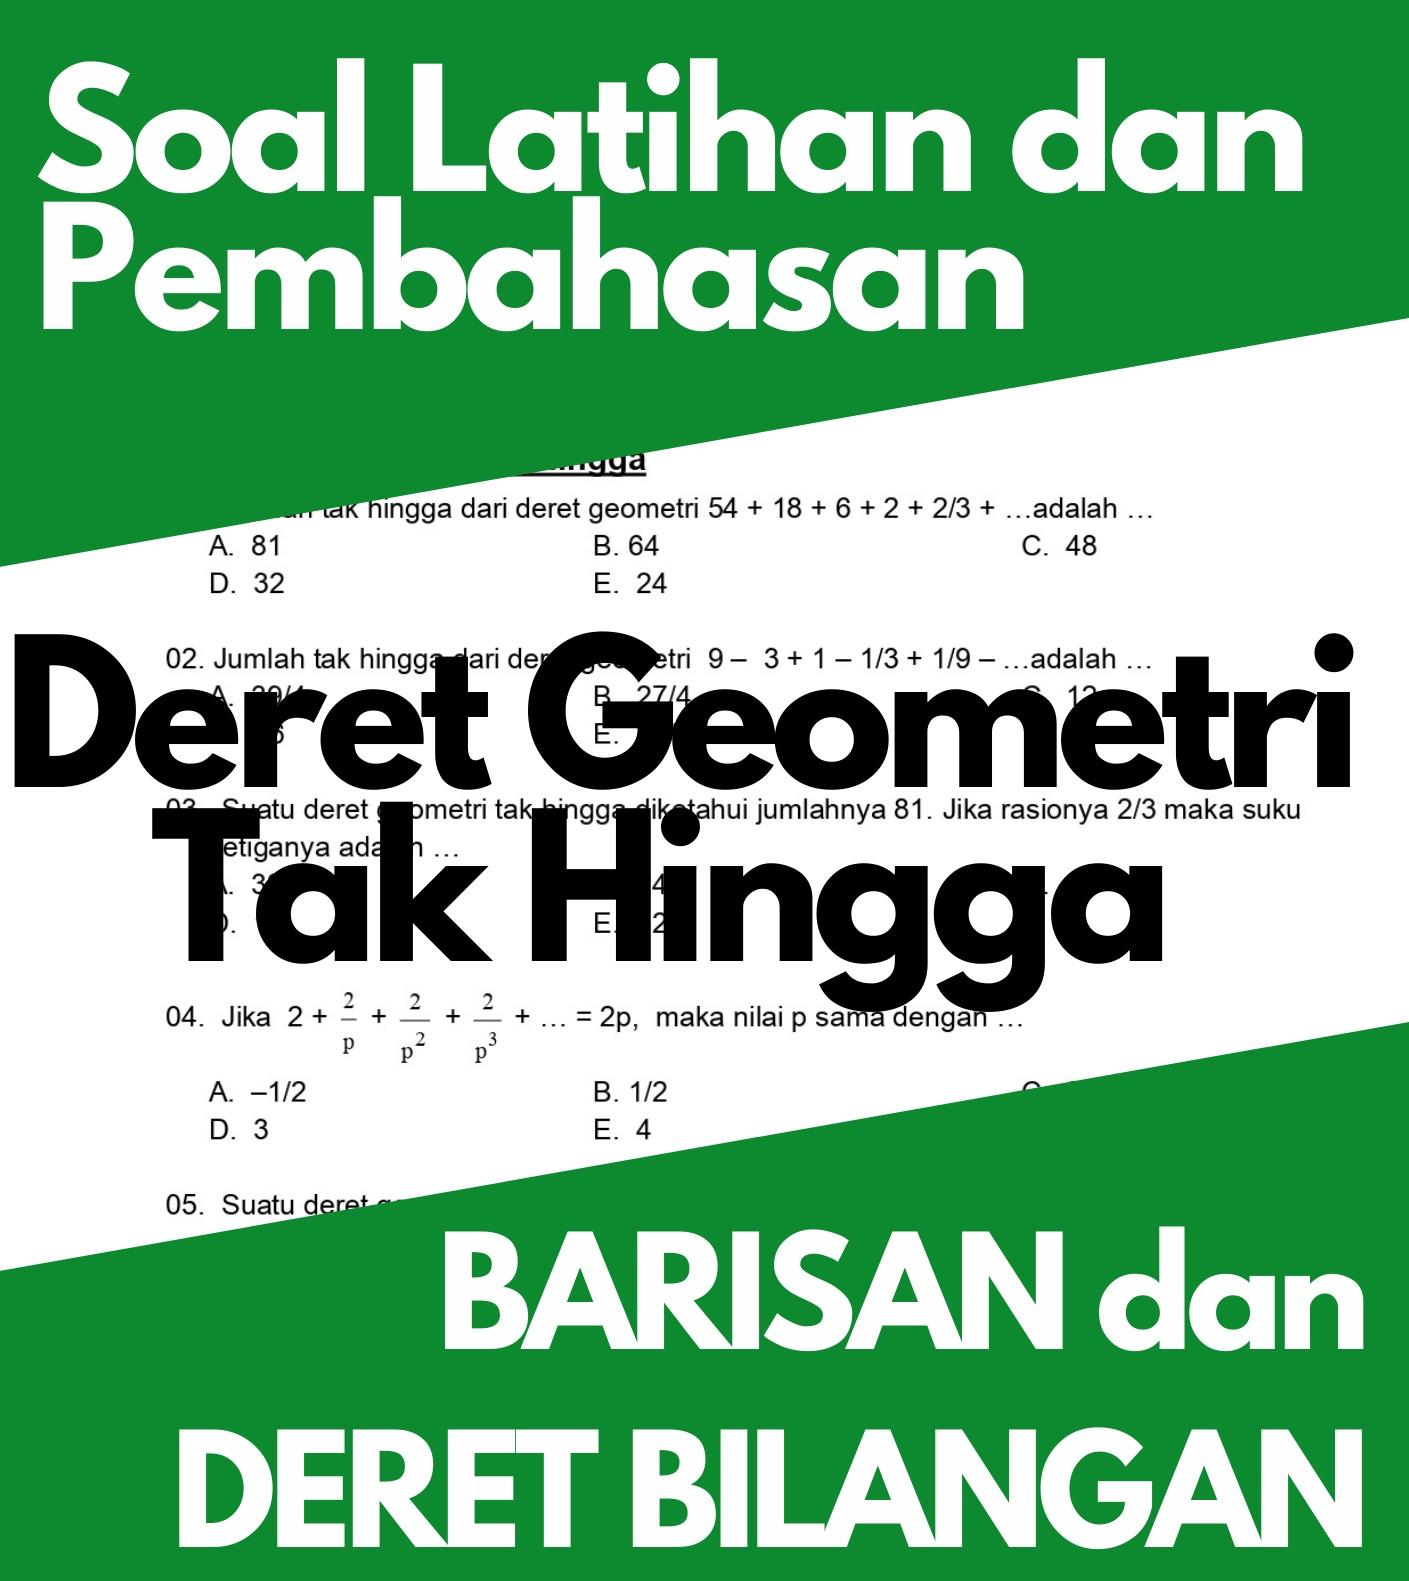 Matematika Dasar SMA: Soal Latihan dan Pembahasan Deret Geometri Tak Hingga